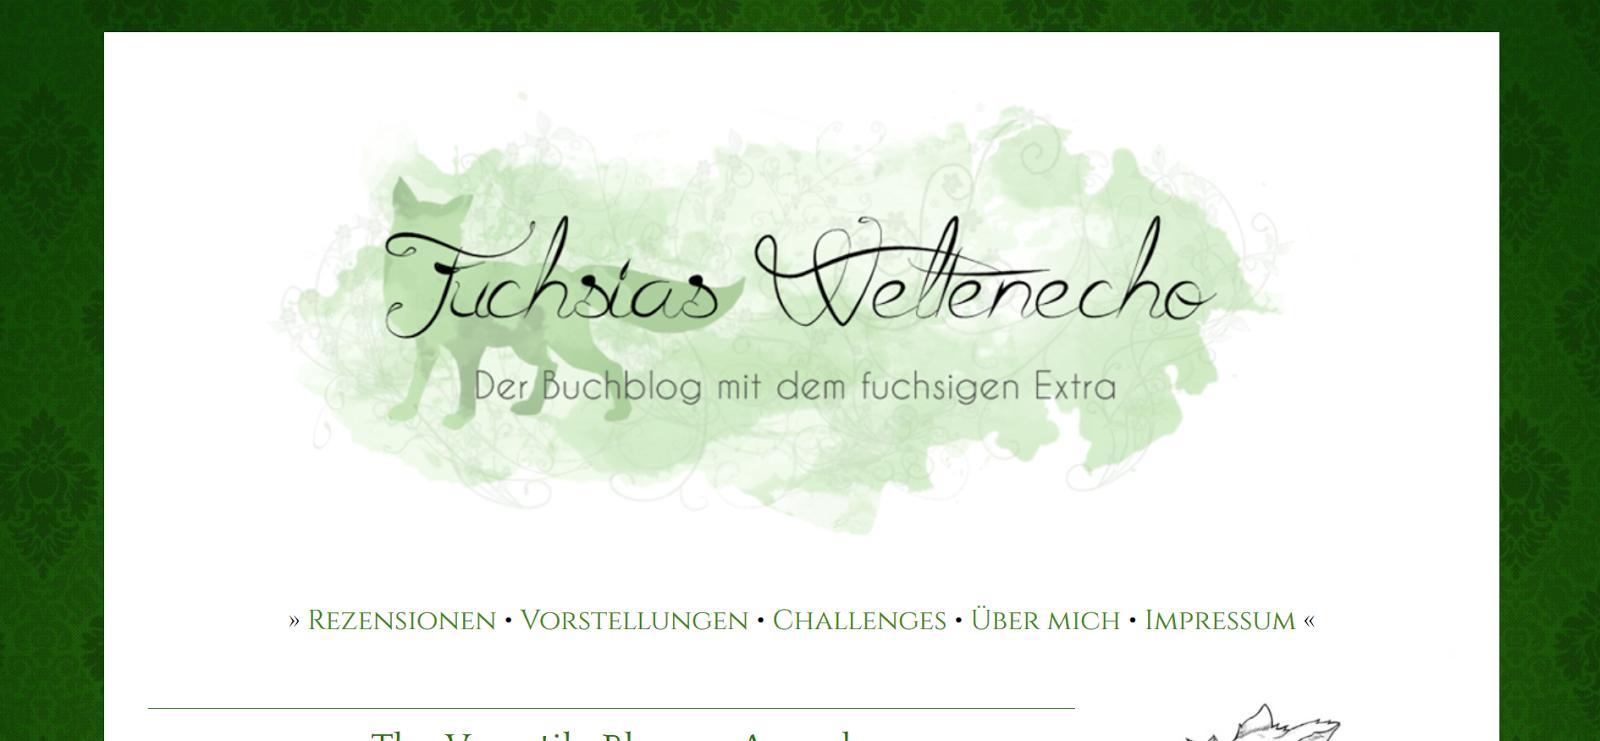 http://fuchsiasweltenecho.blogspot.de/